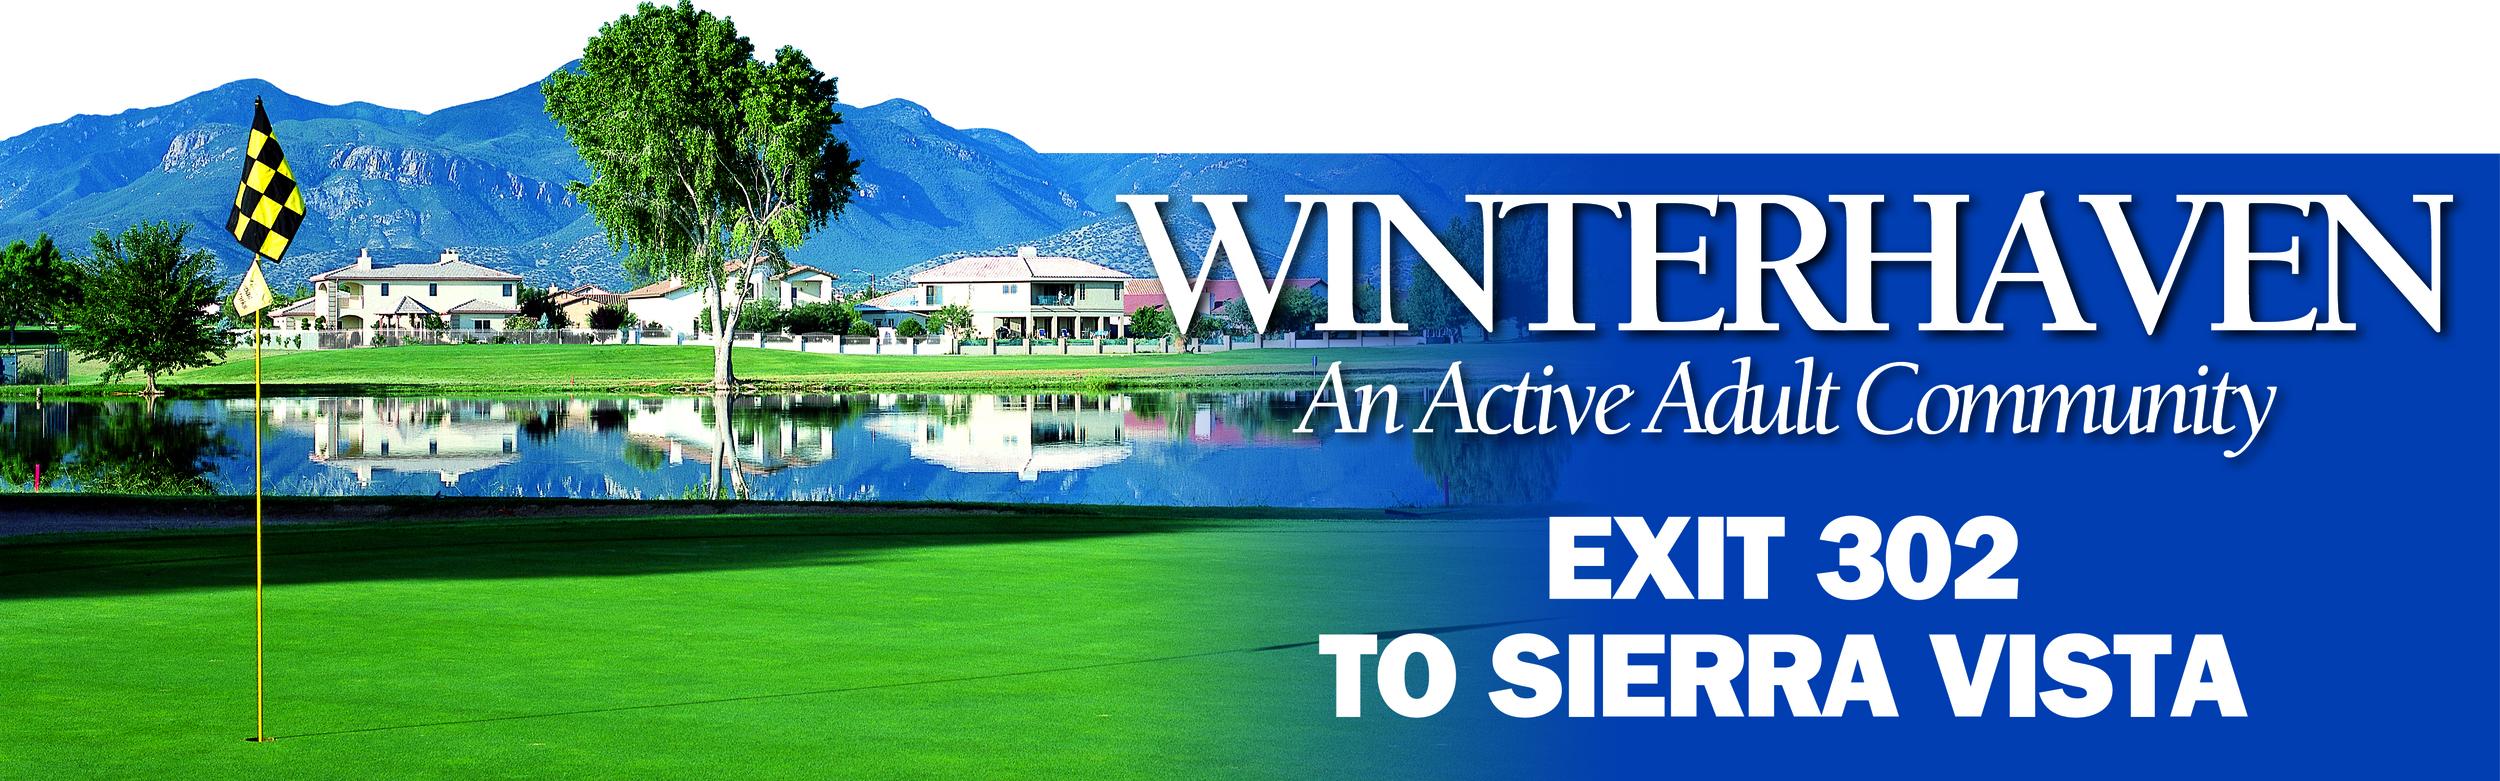 Winterhaven billboard.jpg